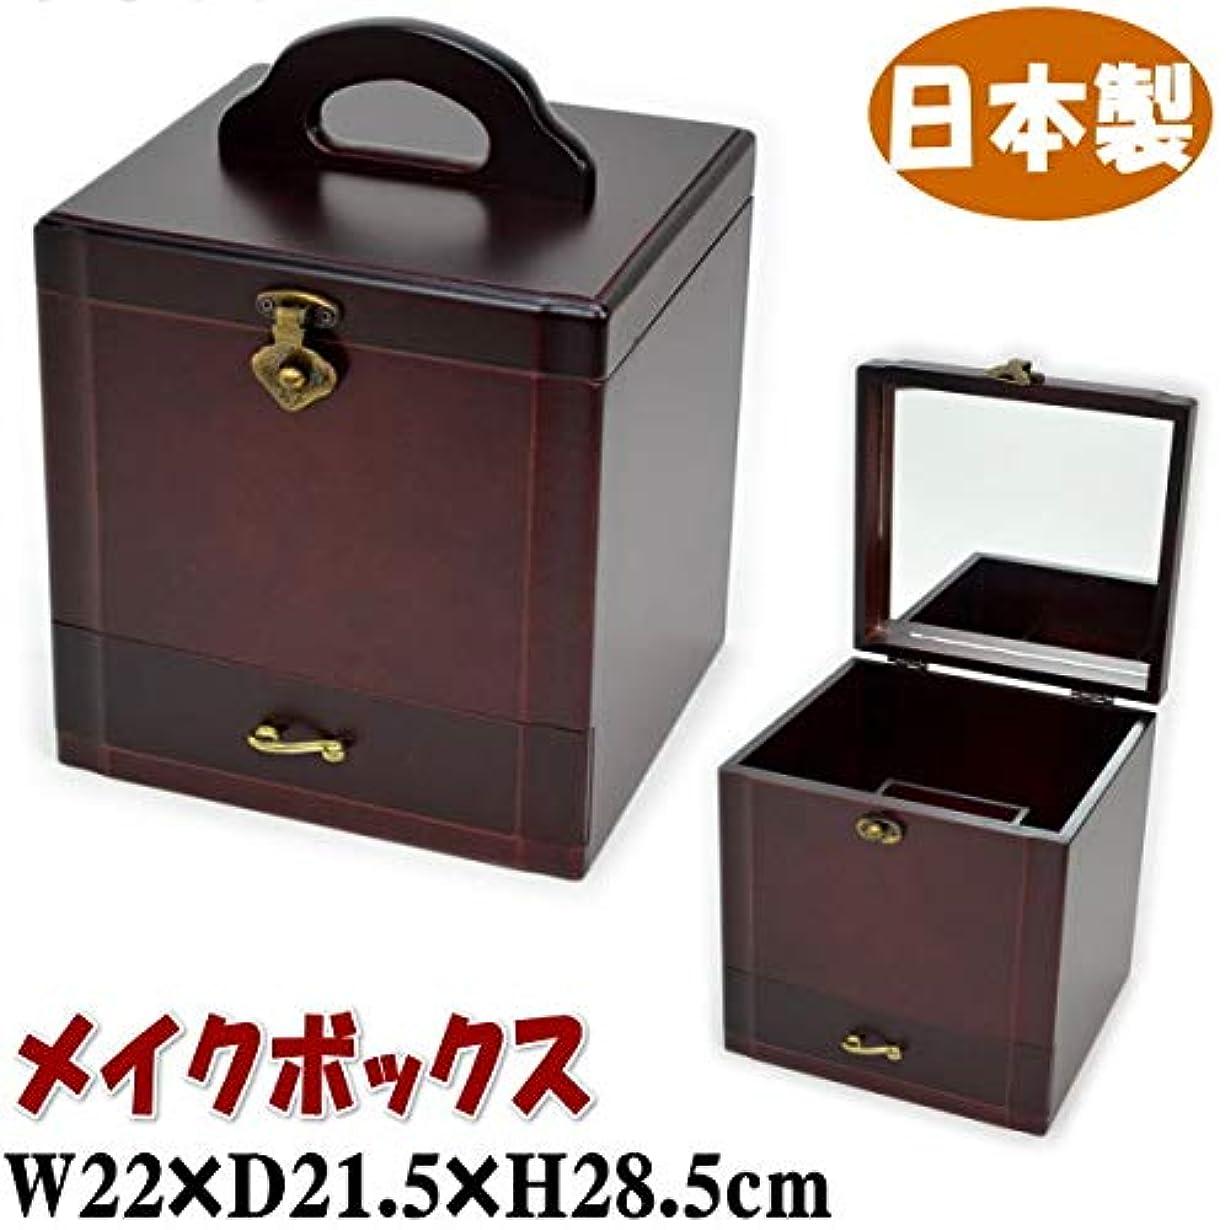 一母火傷メイクボックス 木製 ワイン ブラウン 日本製(おしゃれ コスメボックス メークボックス 鏡 収納